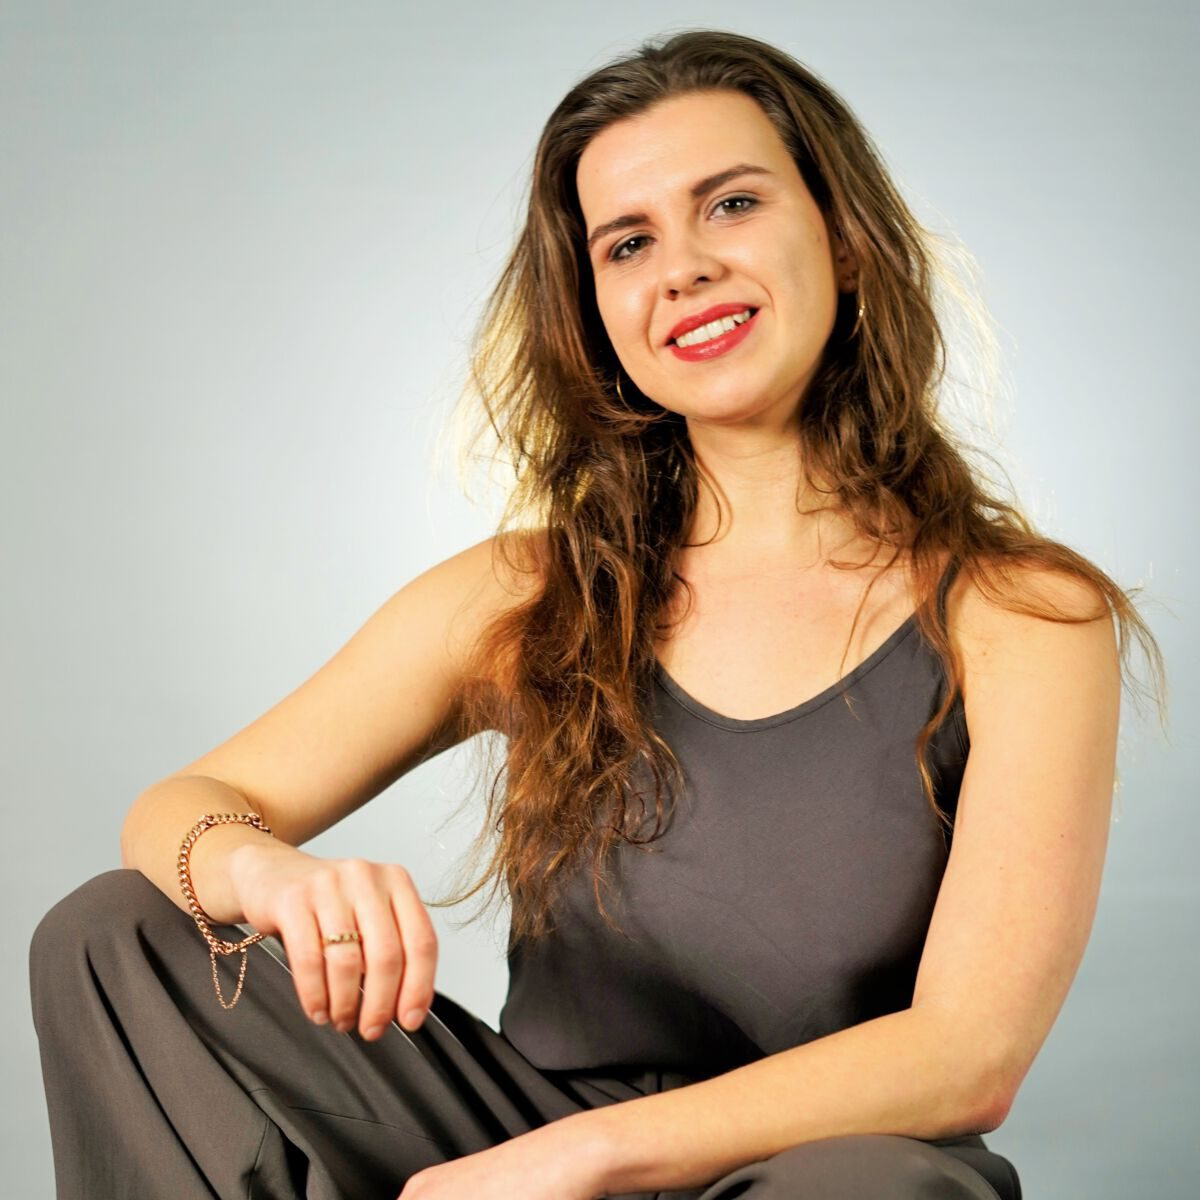 Juristin und HEYDAY-Autorin Sarah Kessler, portraitiert von Pierre Christalle